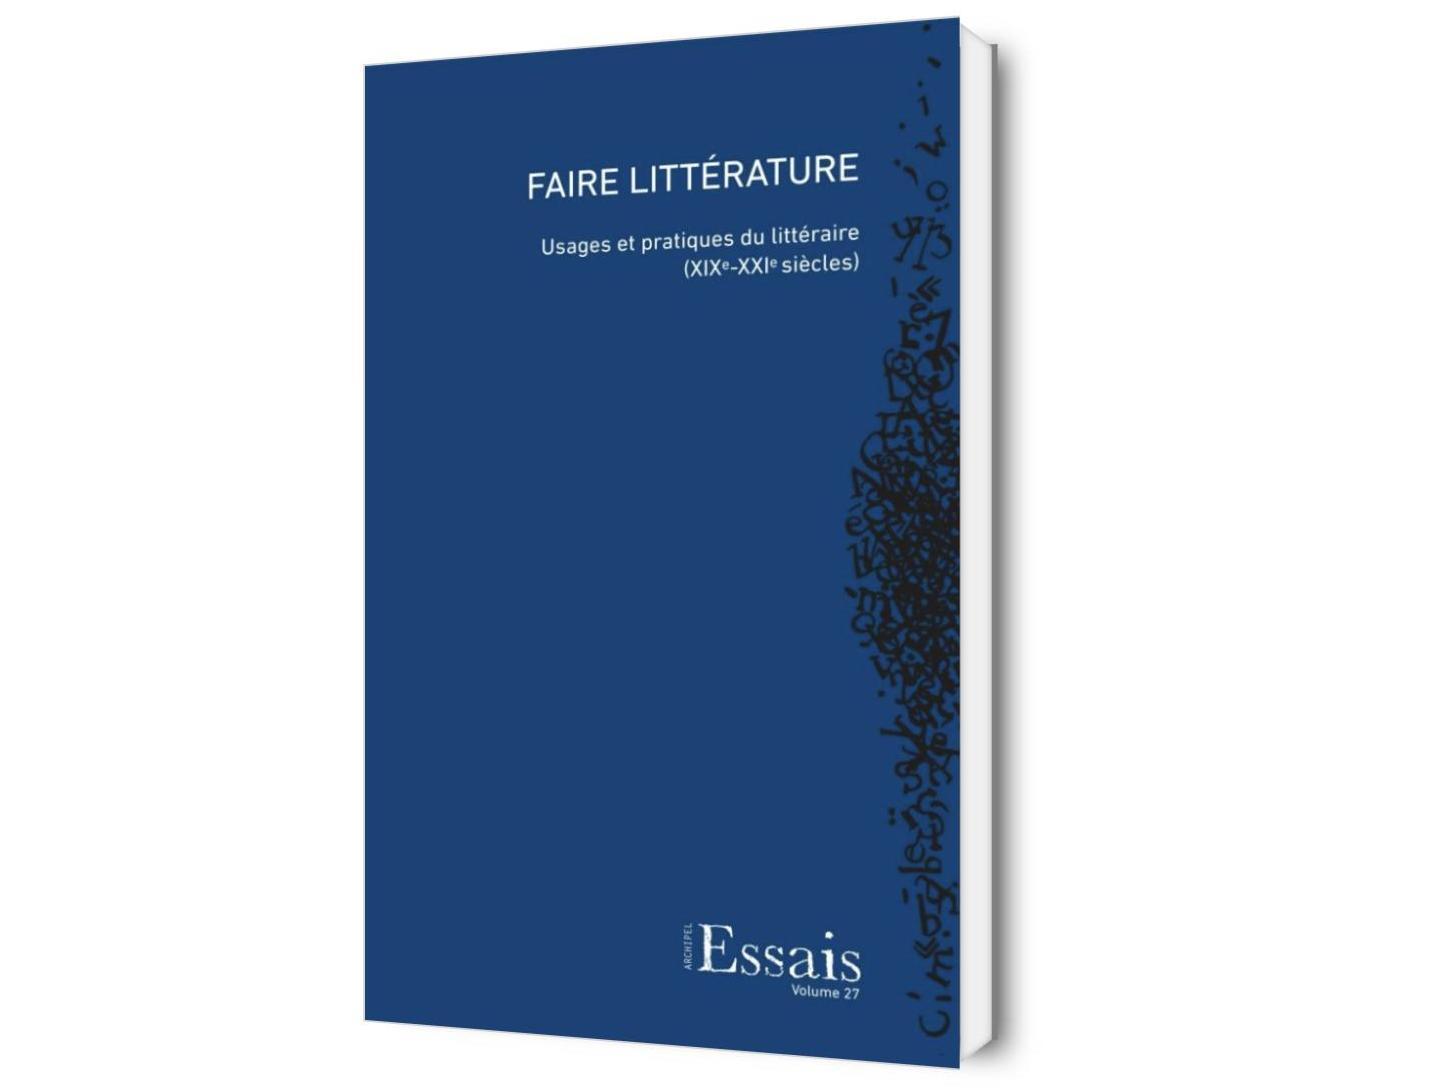 Faire littérature. Usages et pratiques du littéraire (XIXe-XXIe siècles)